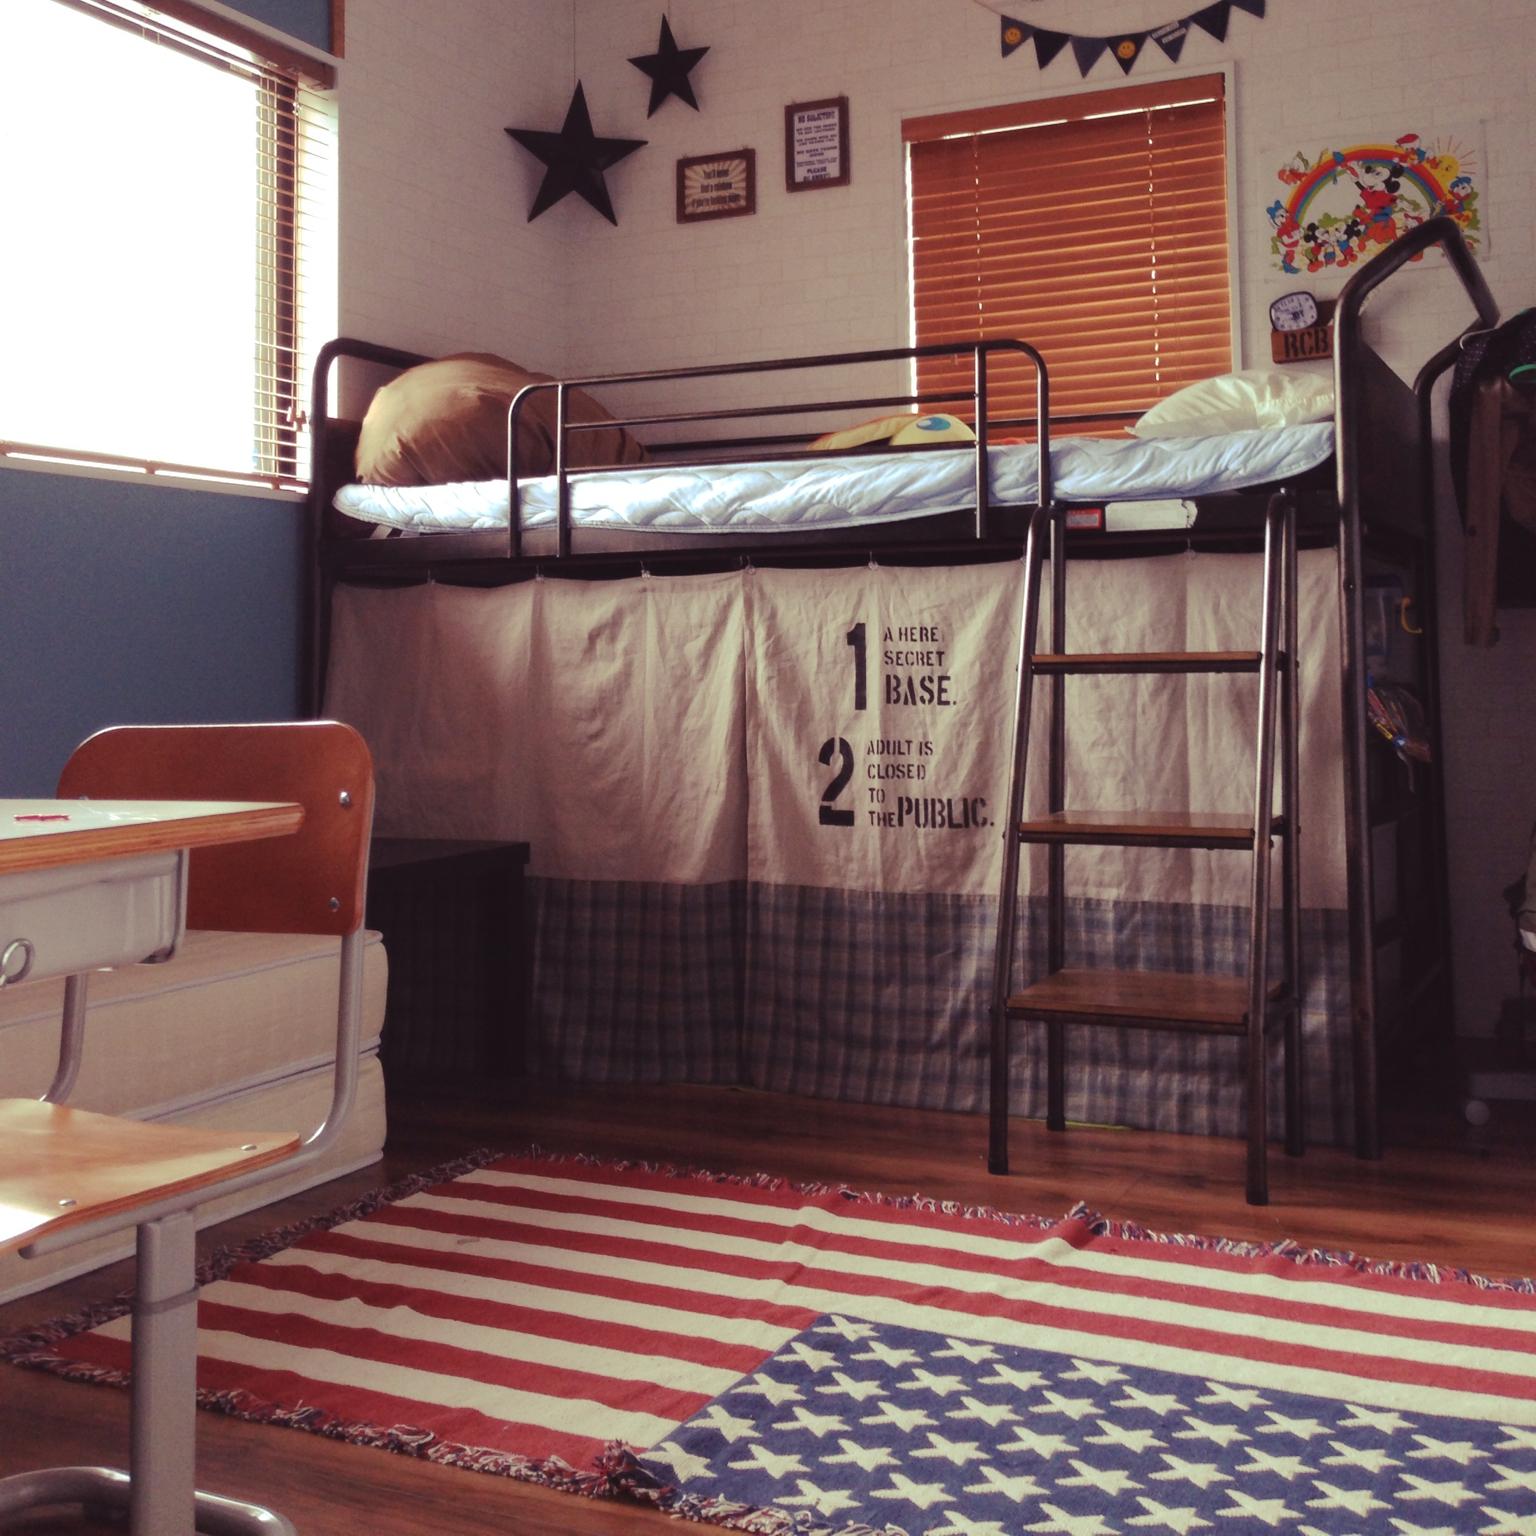 部屋全体 ブルーのペンキ レンガ壁紙 ステンシル ハイベッド などの